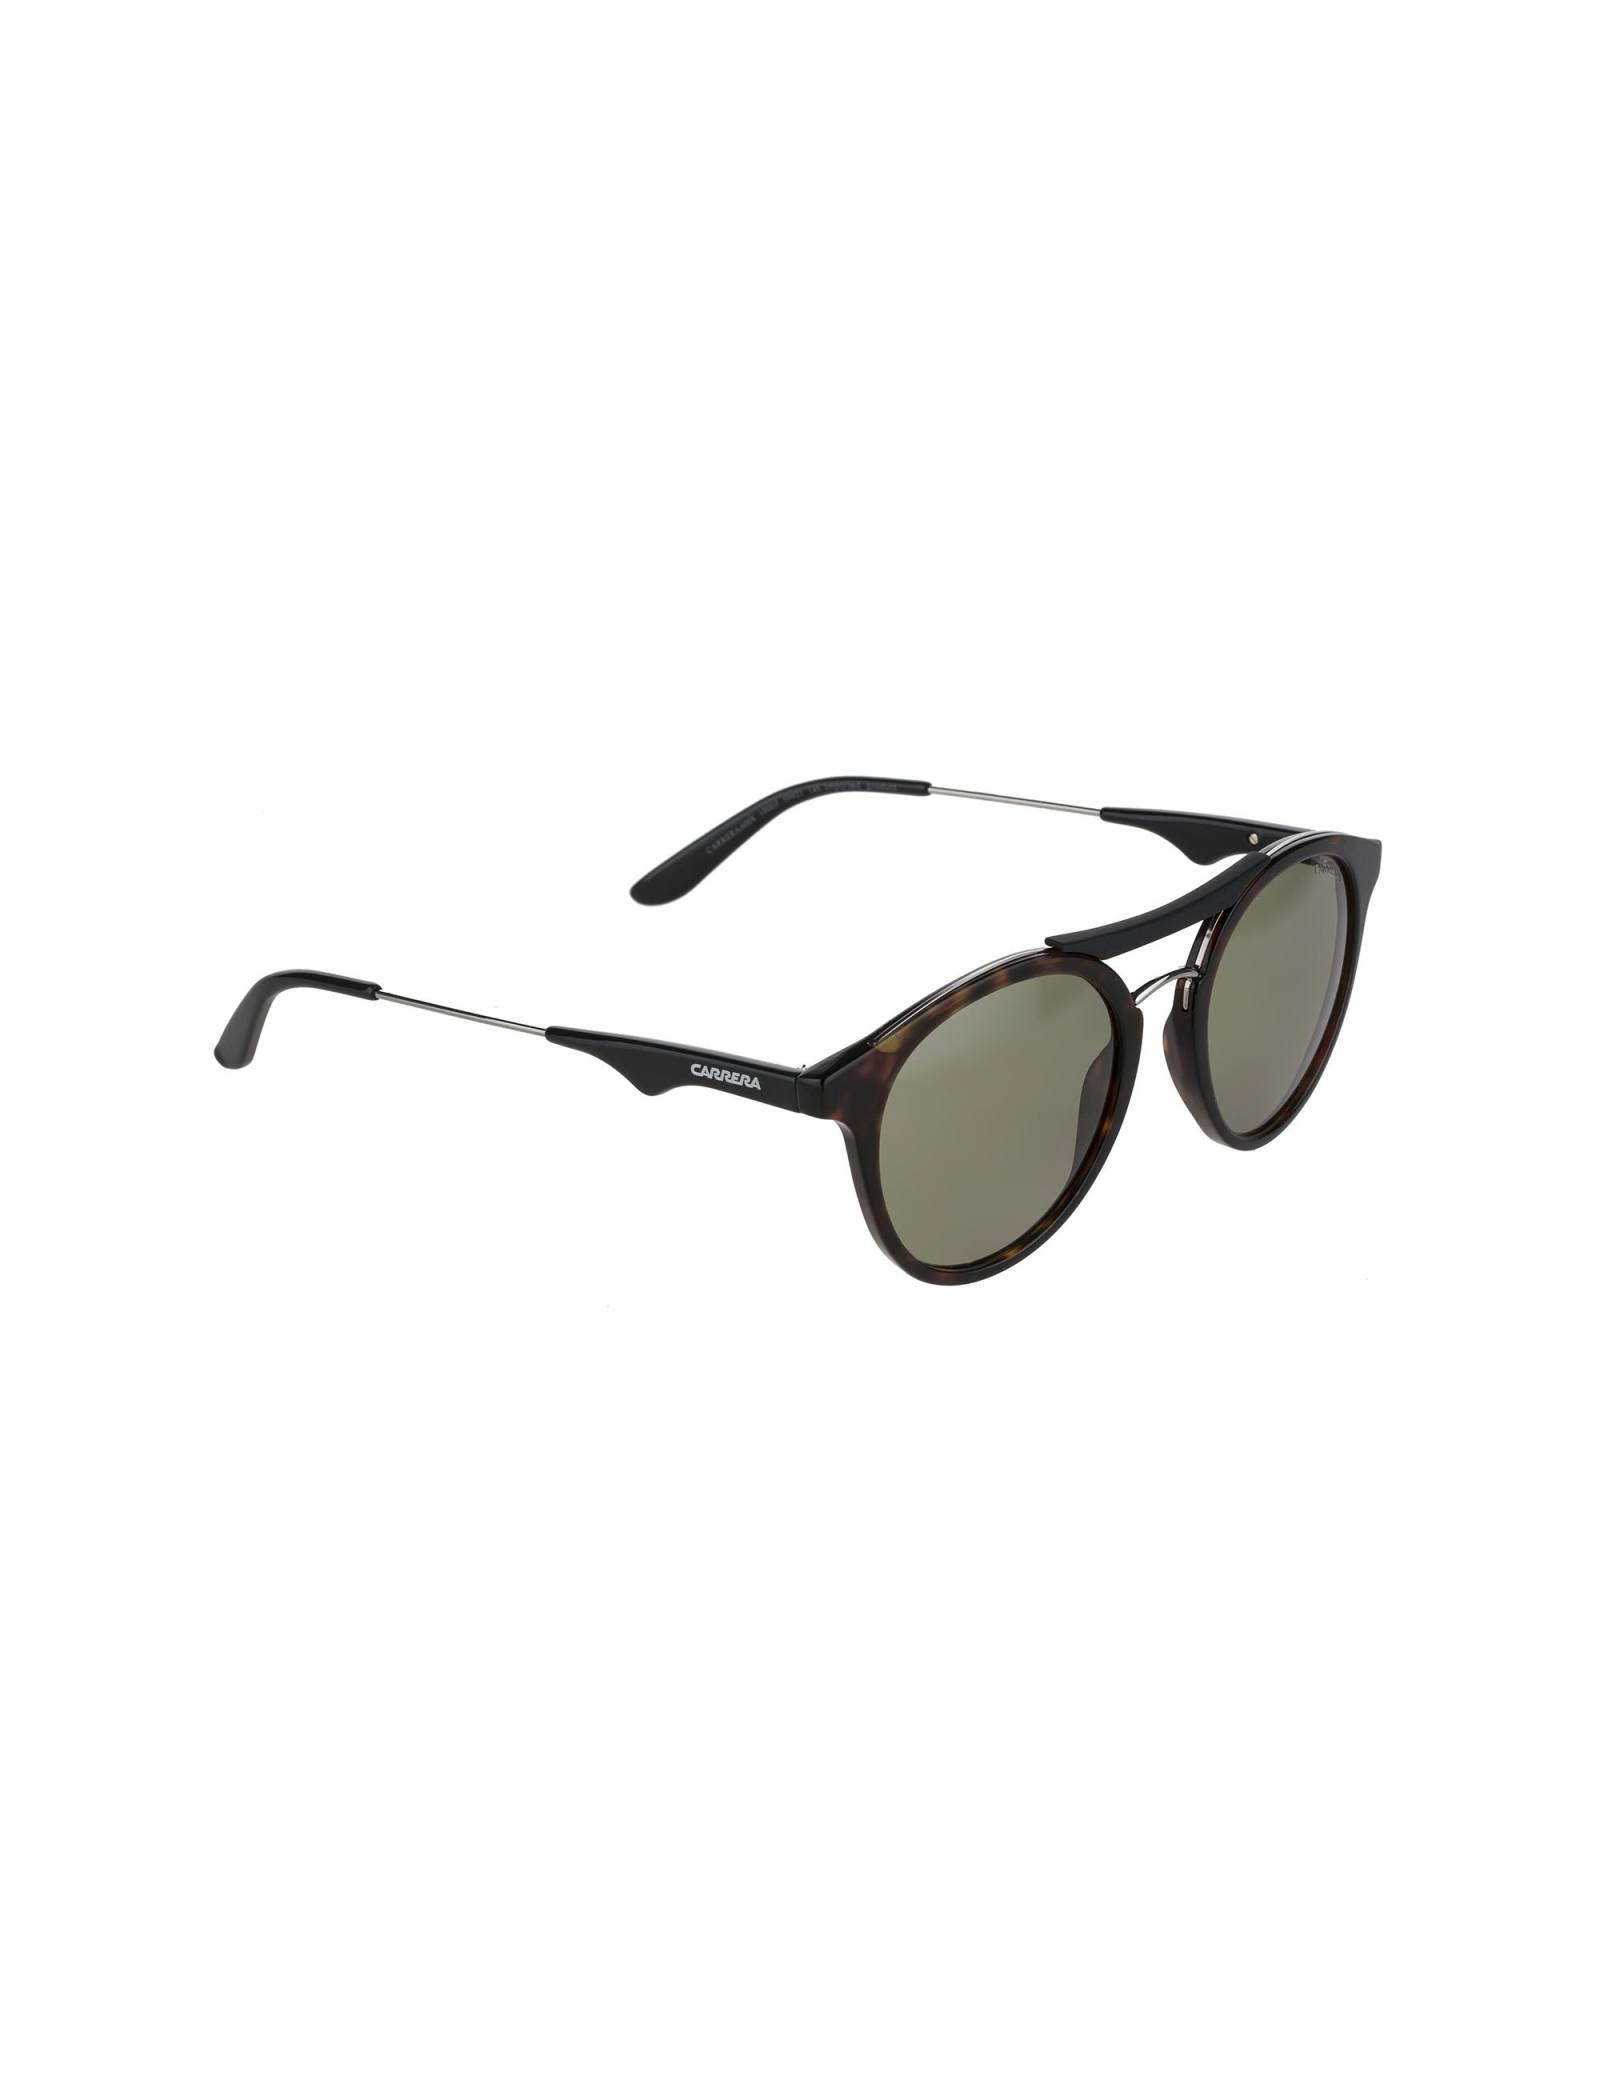 عینک آفتابی پنتوس بزرگسال - کاررا - قهوه اي لاک پشتي - 2